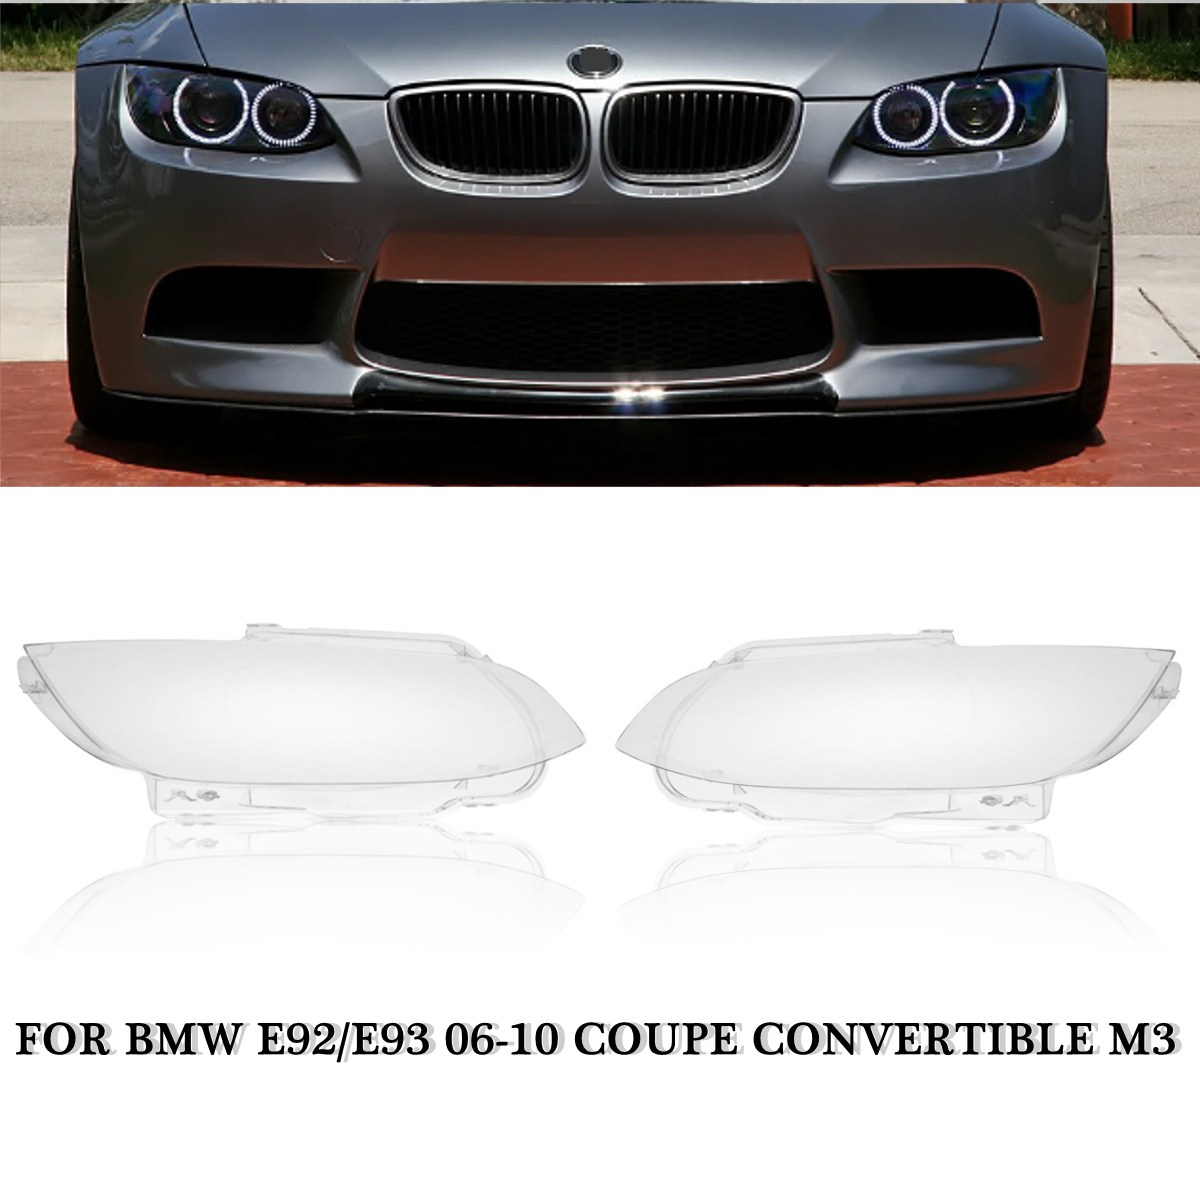 small resolution of 1pc left right car headlight cover headlamp lens cover fit for bmw e92 e93 coupe m3 328i 335i cabrio 2006 2007 2008 2009 2010